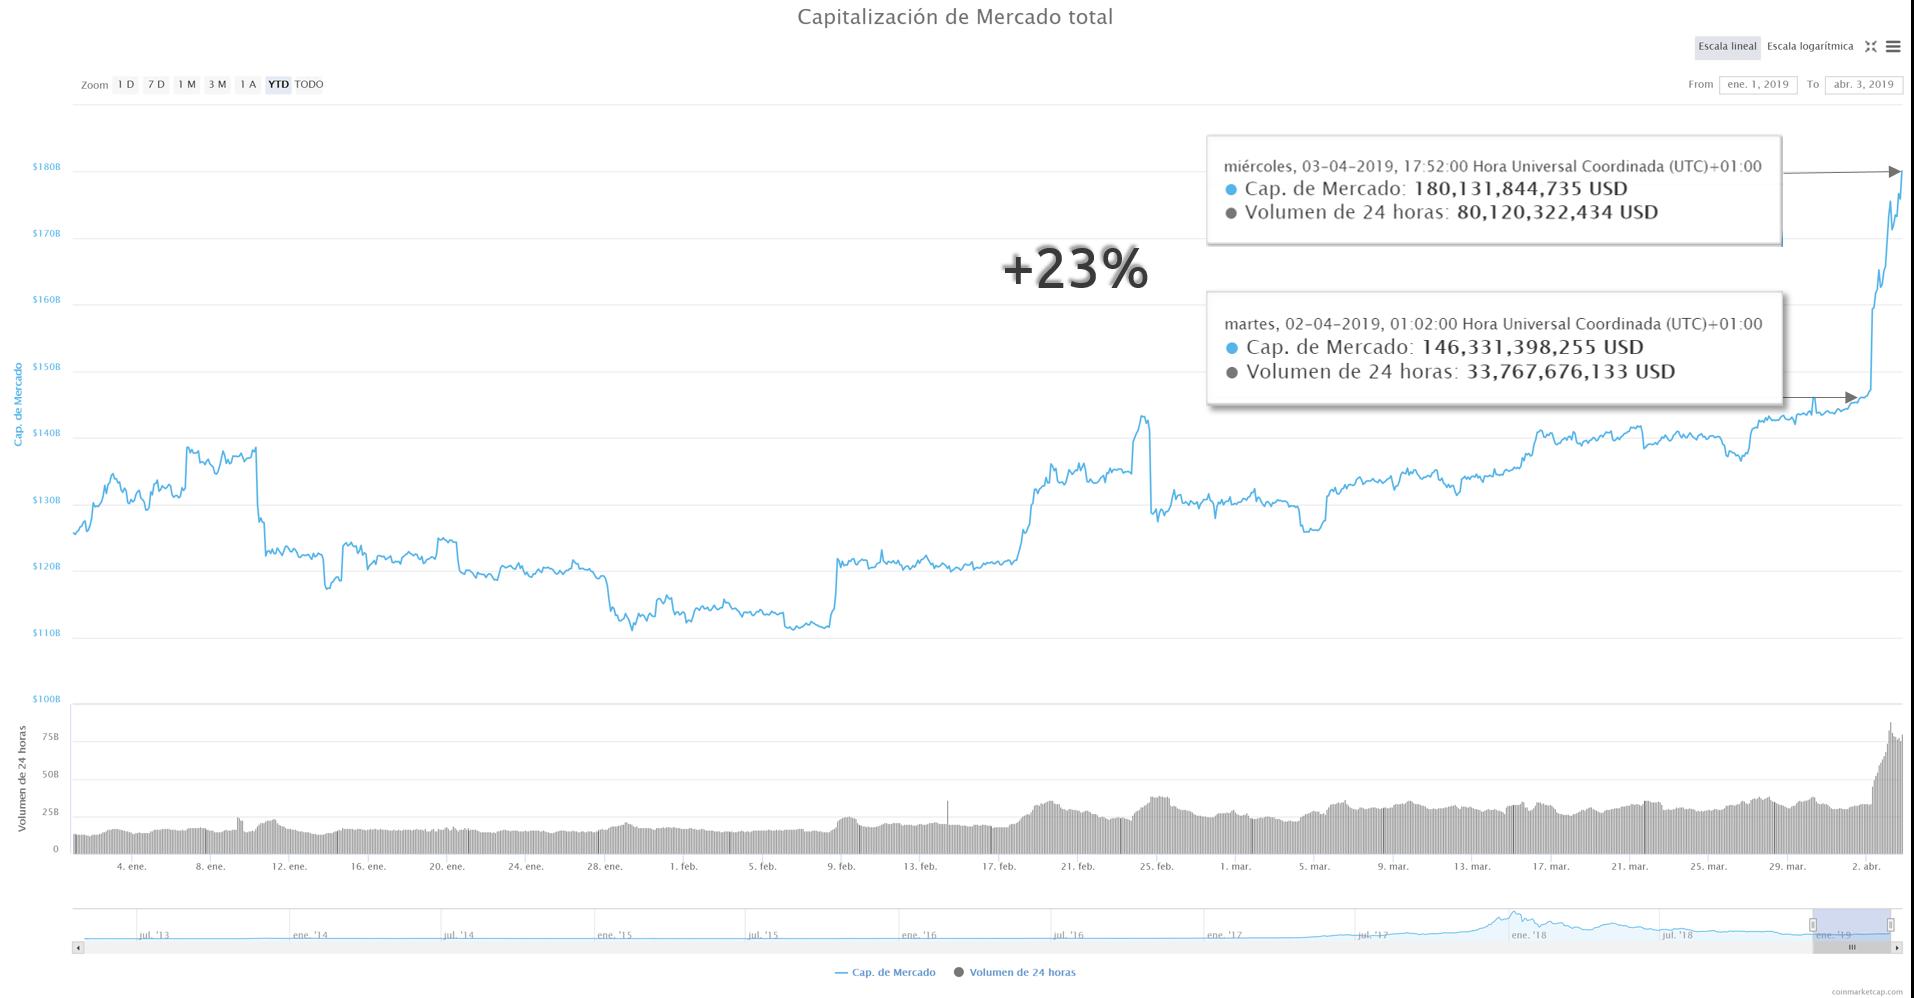 Capitalización de mercado criptomonedas 3 de abril del 2019